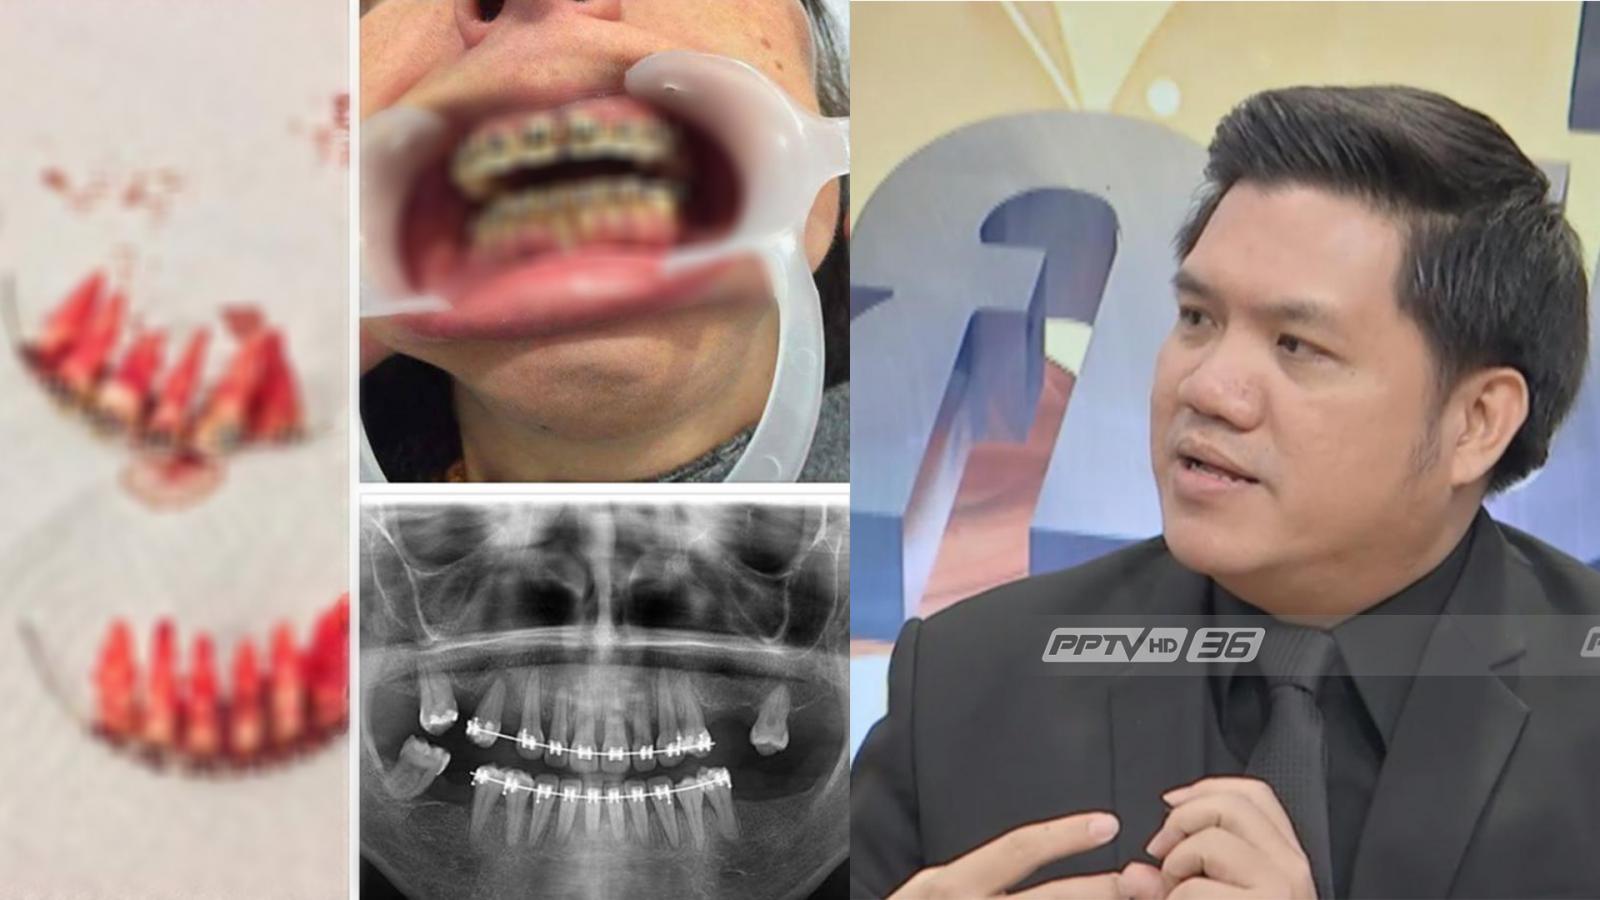 หลุดยกแผง! จัดฟันเถื่อนสวยในความเสี่ยง ทนายแนะช่องเอาผิด